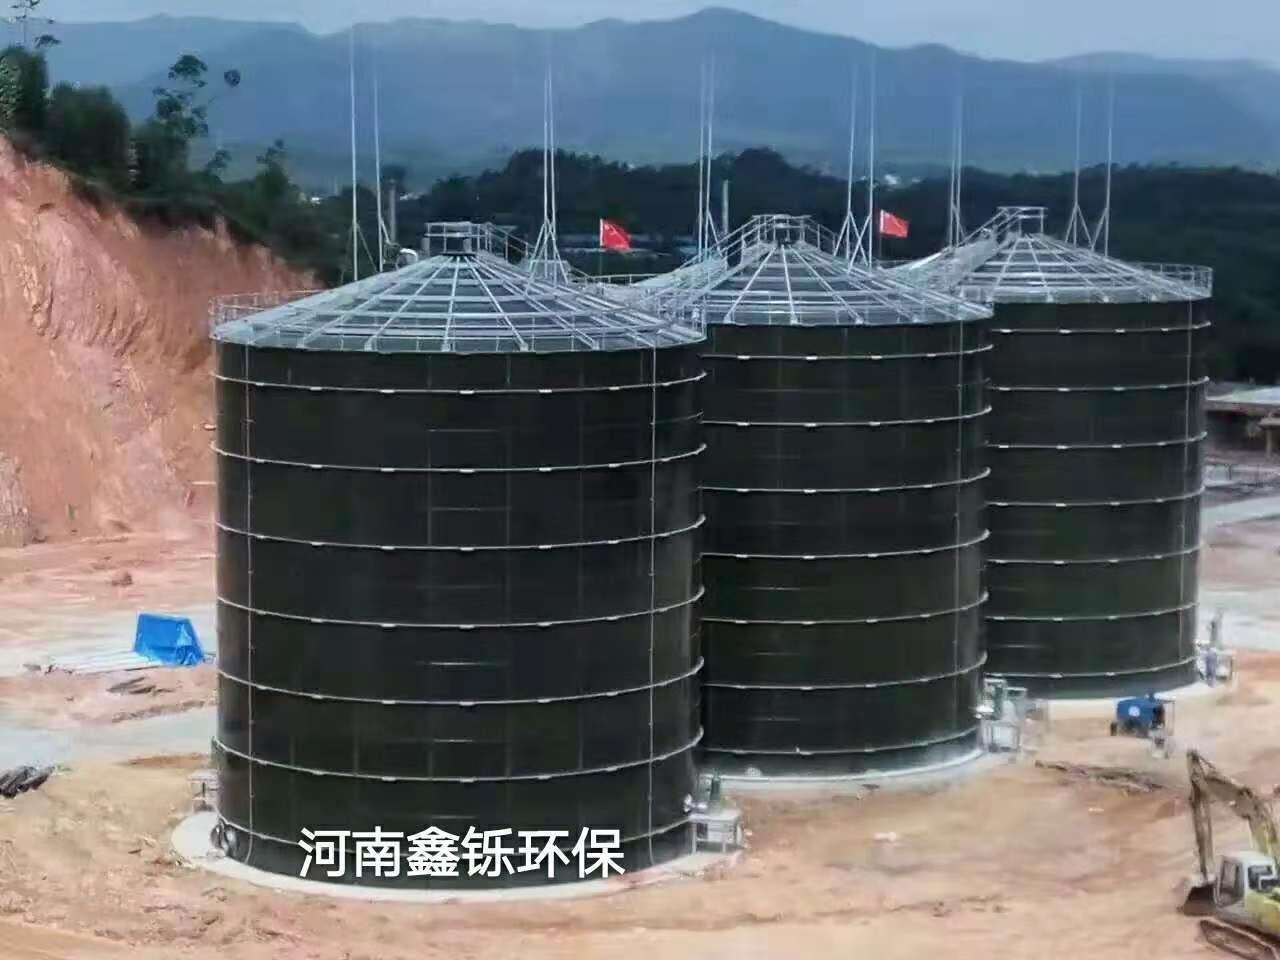 石家庄USR厌氧反应器生产商 鑫铄环保